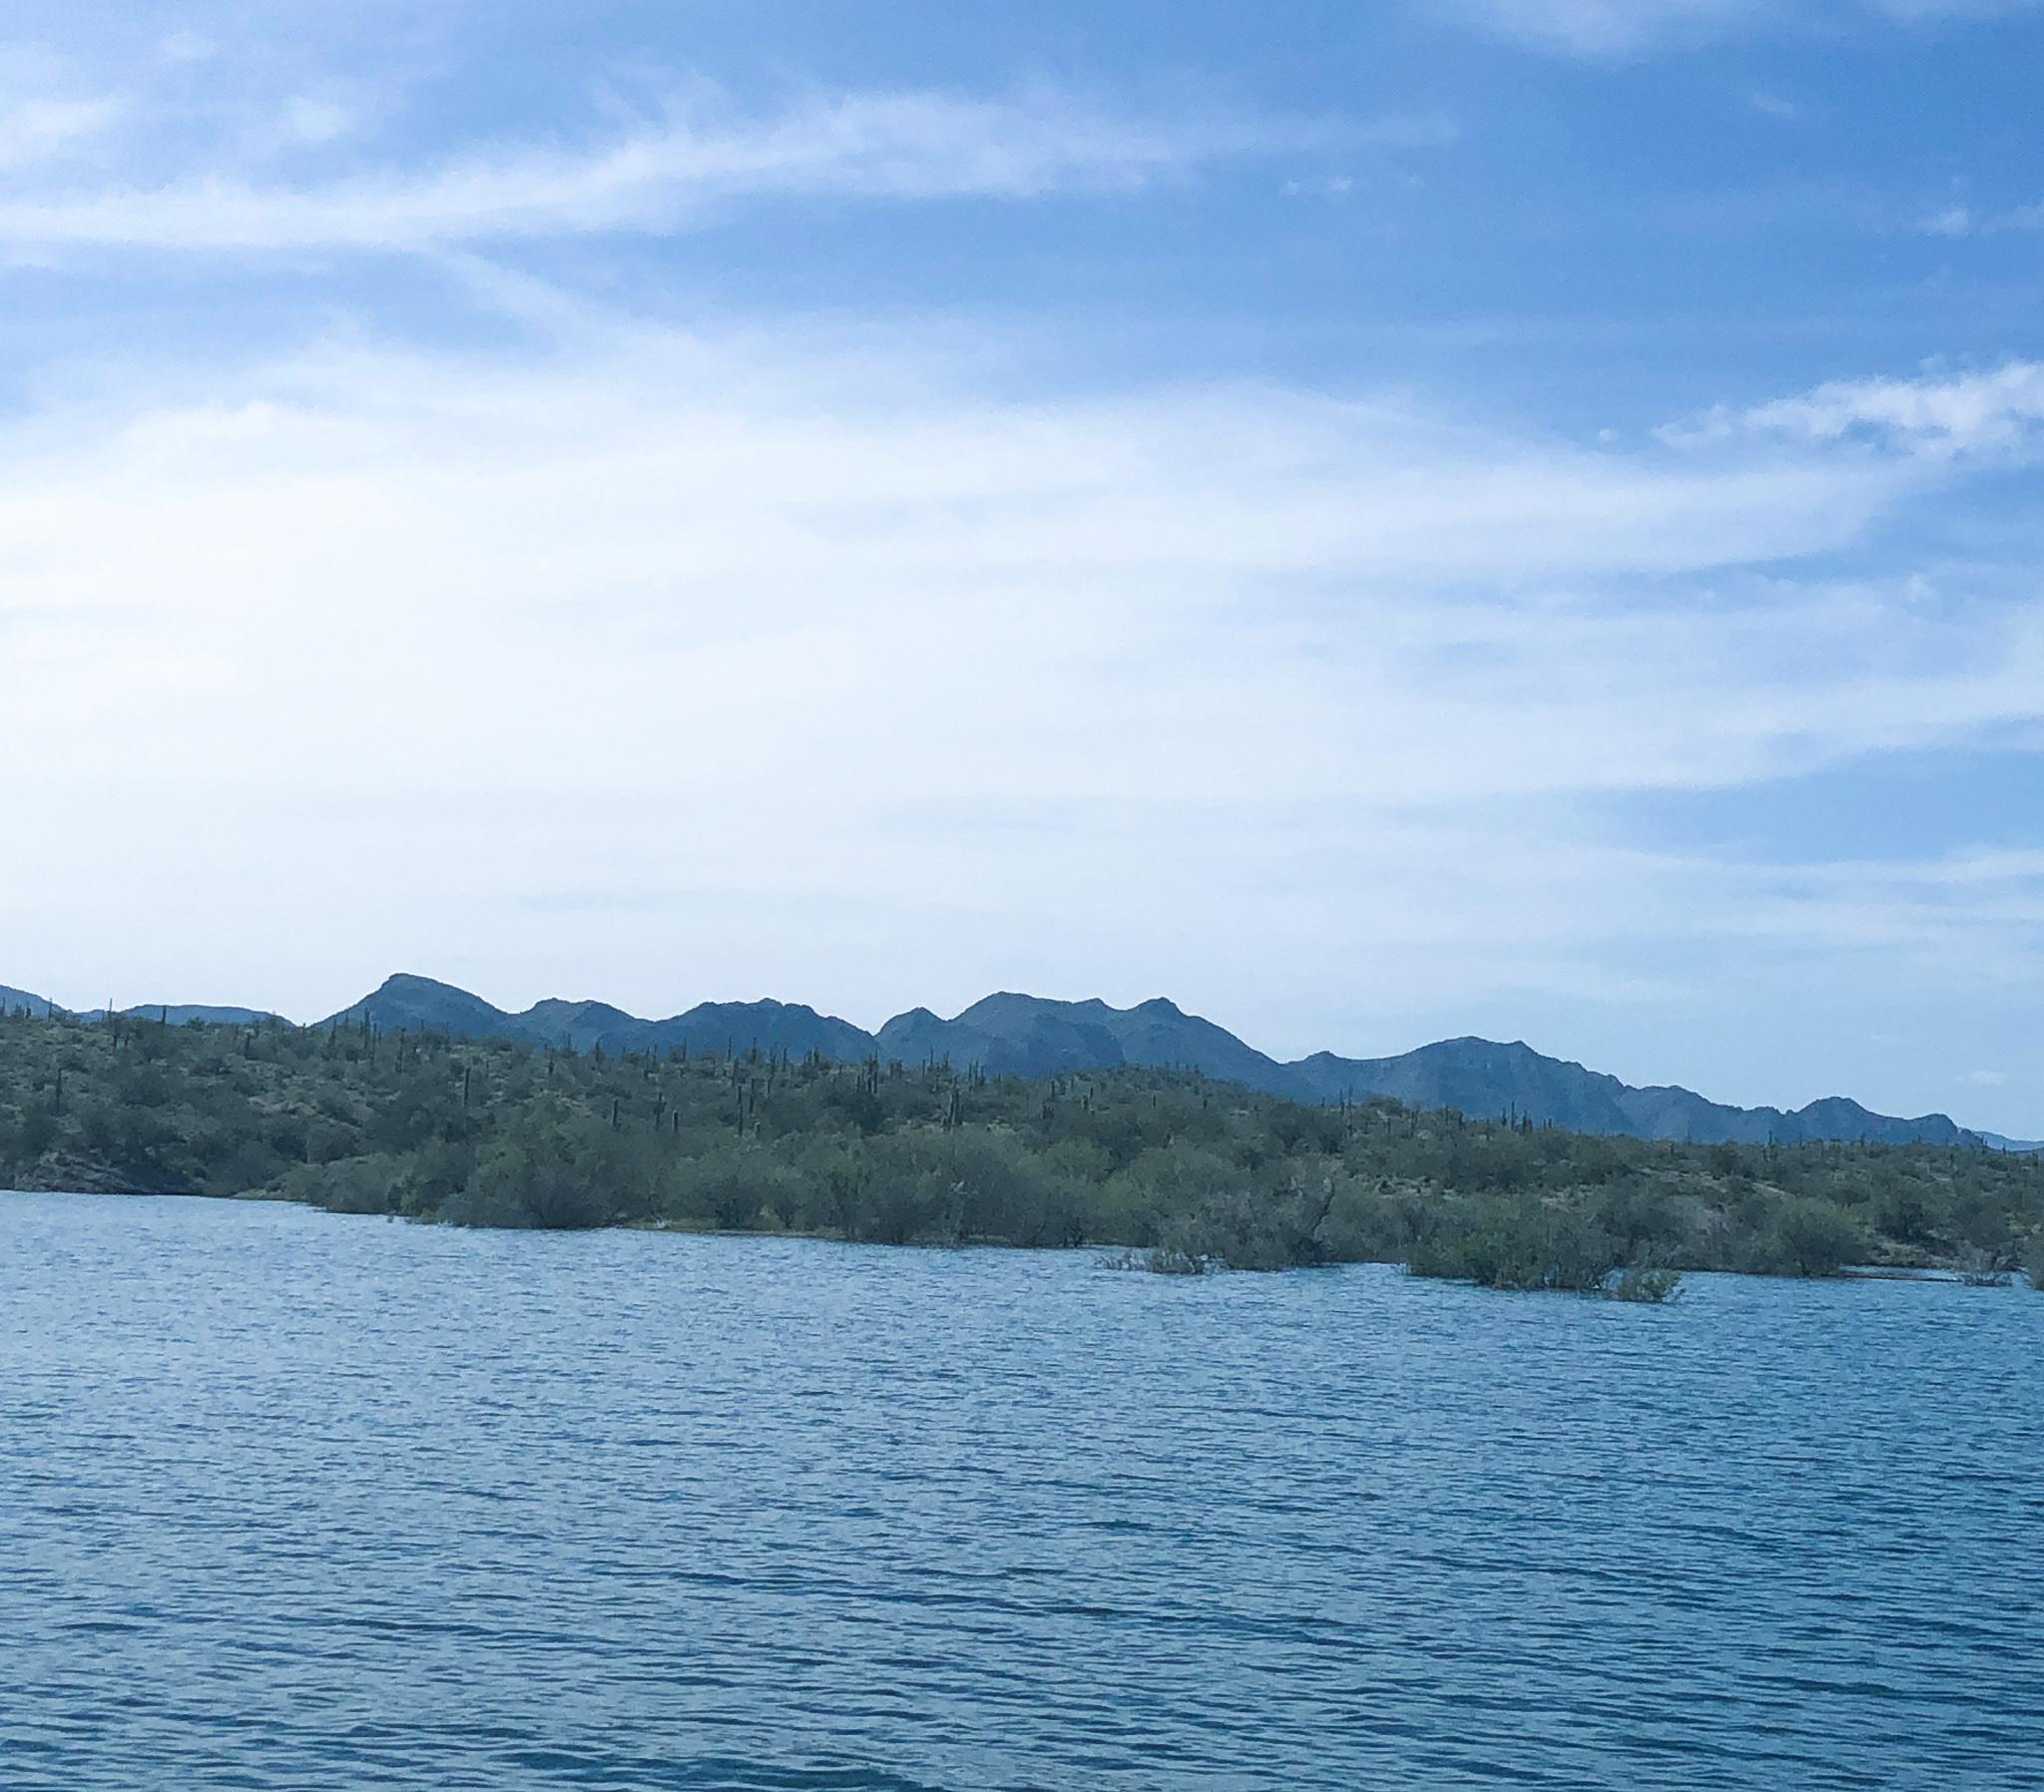 boat rental lake pleasant